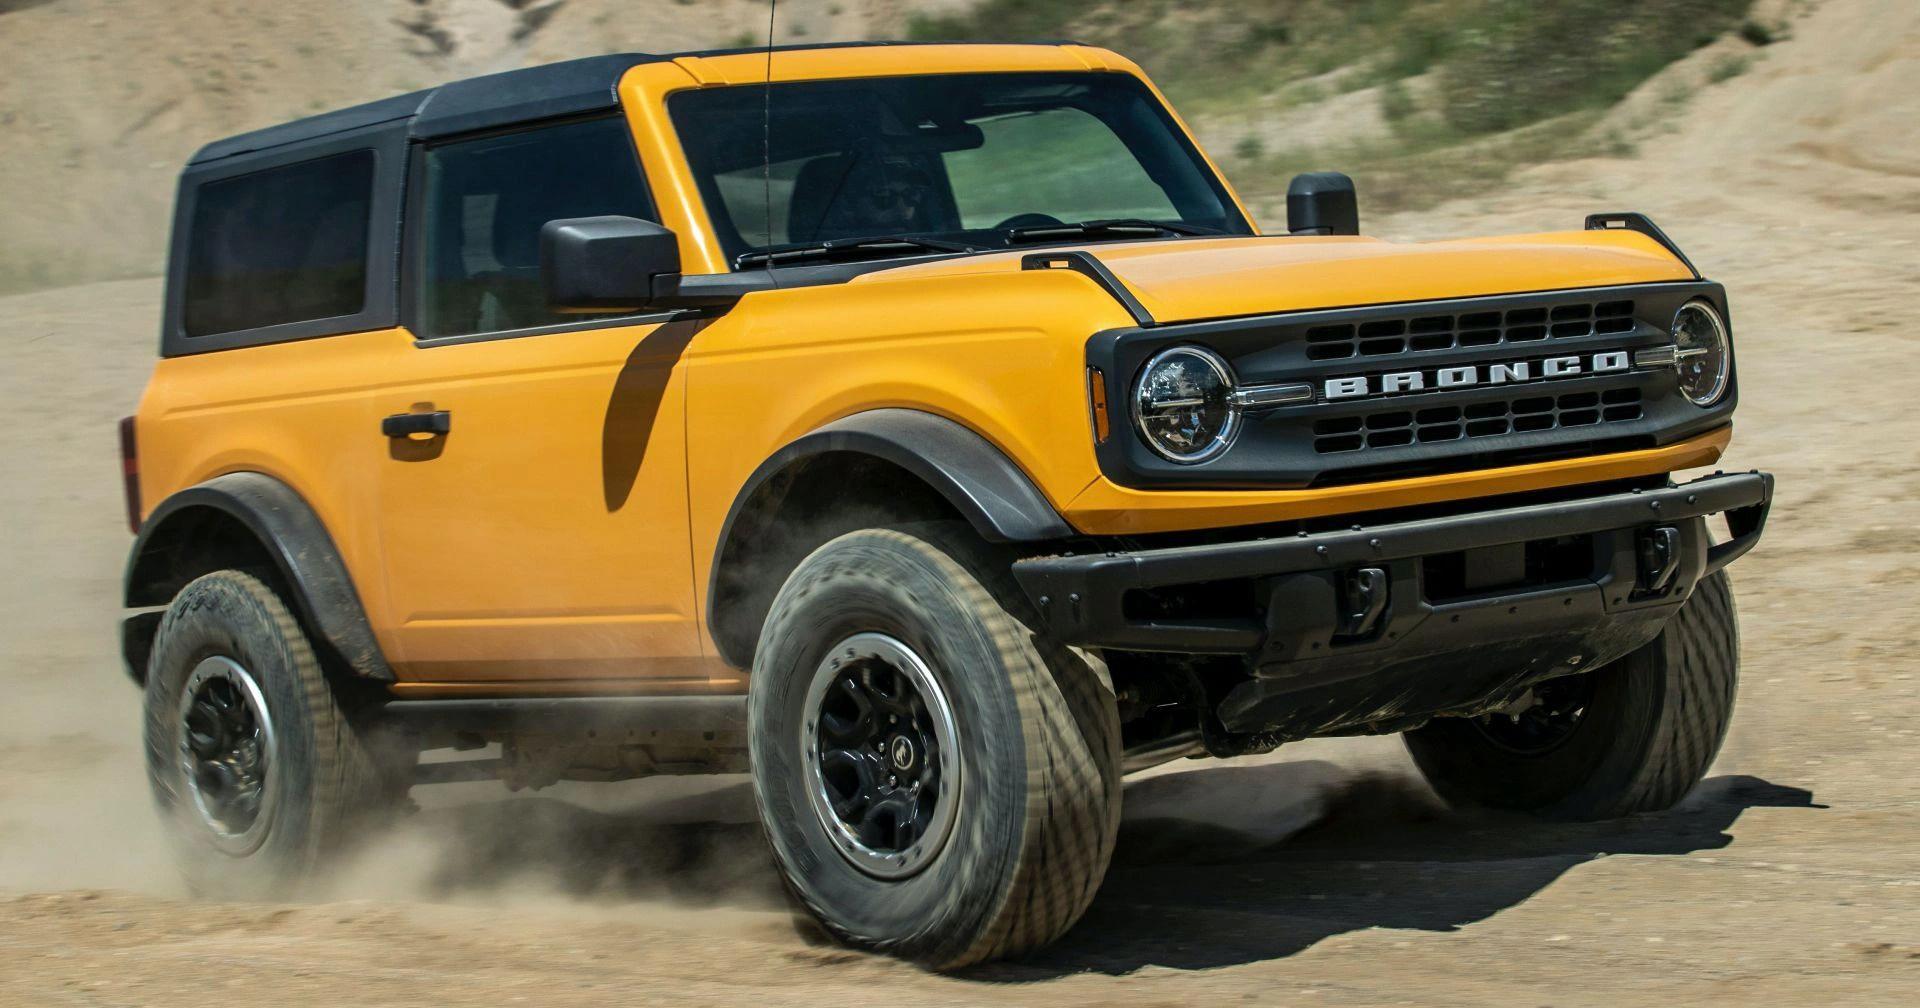 Kỳ lạ Ford Bronco 2021 hàng lướt có giá bán cao gấp đôi giá niêm yết - 1